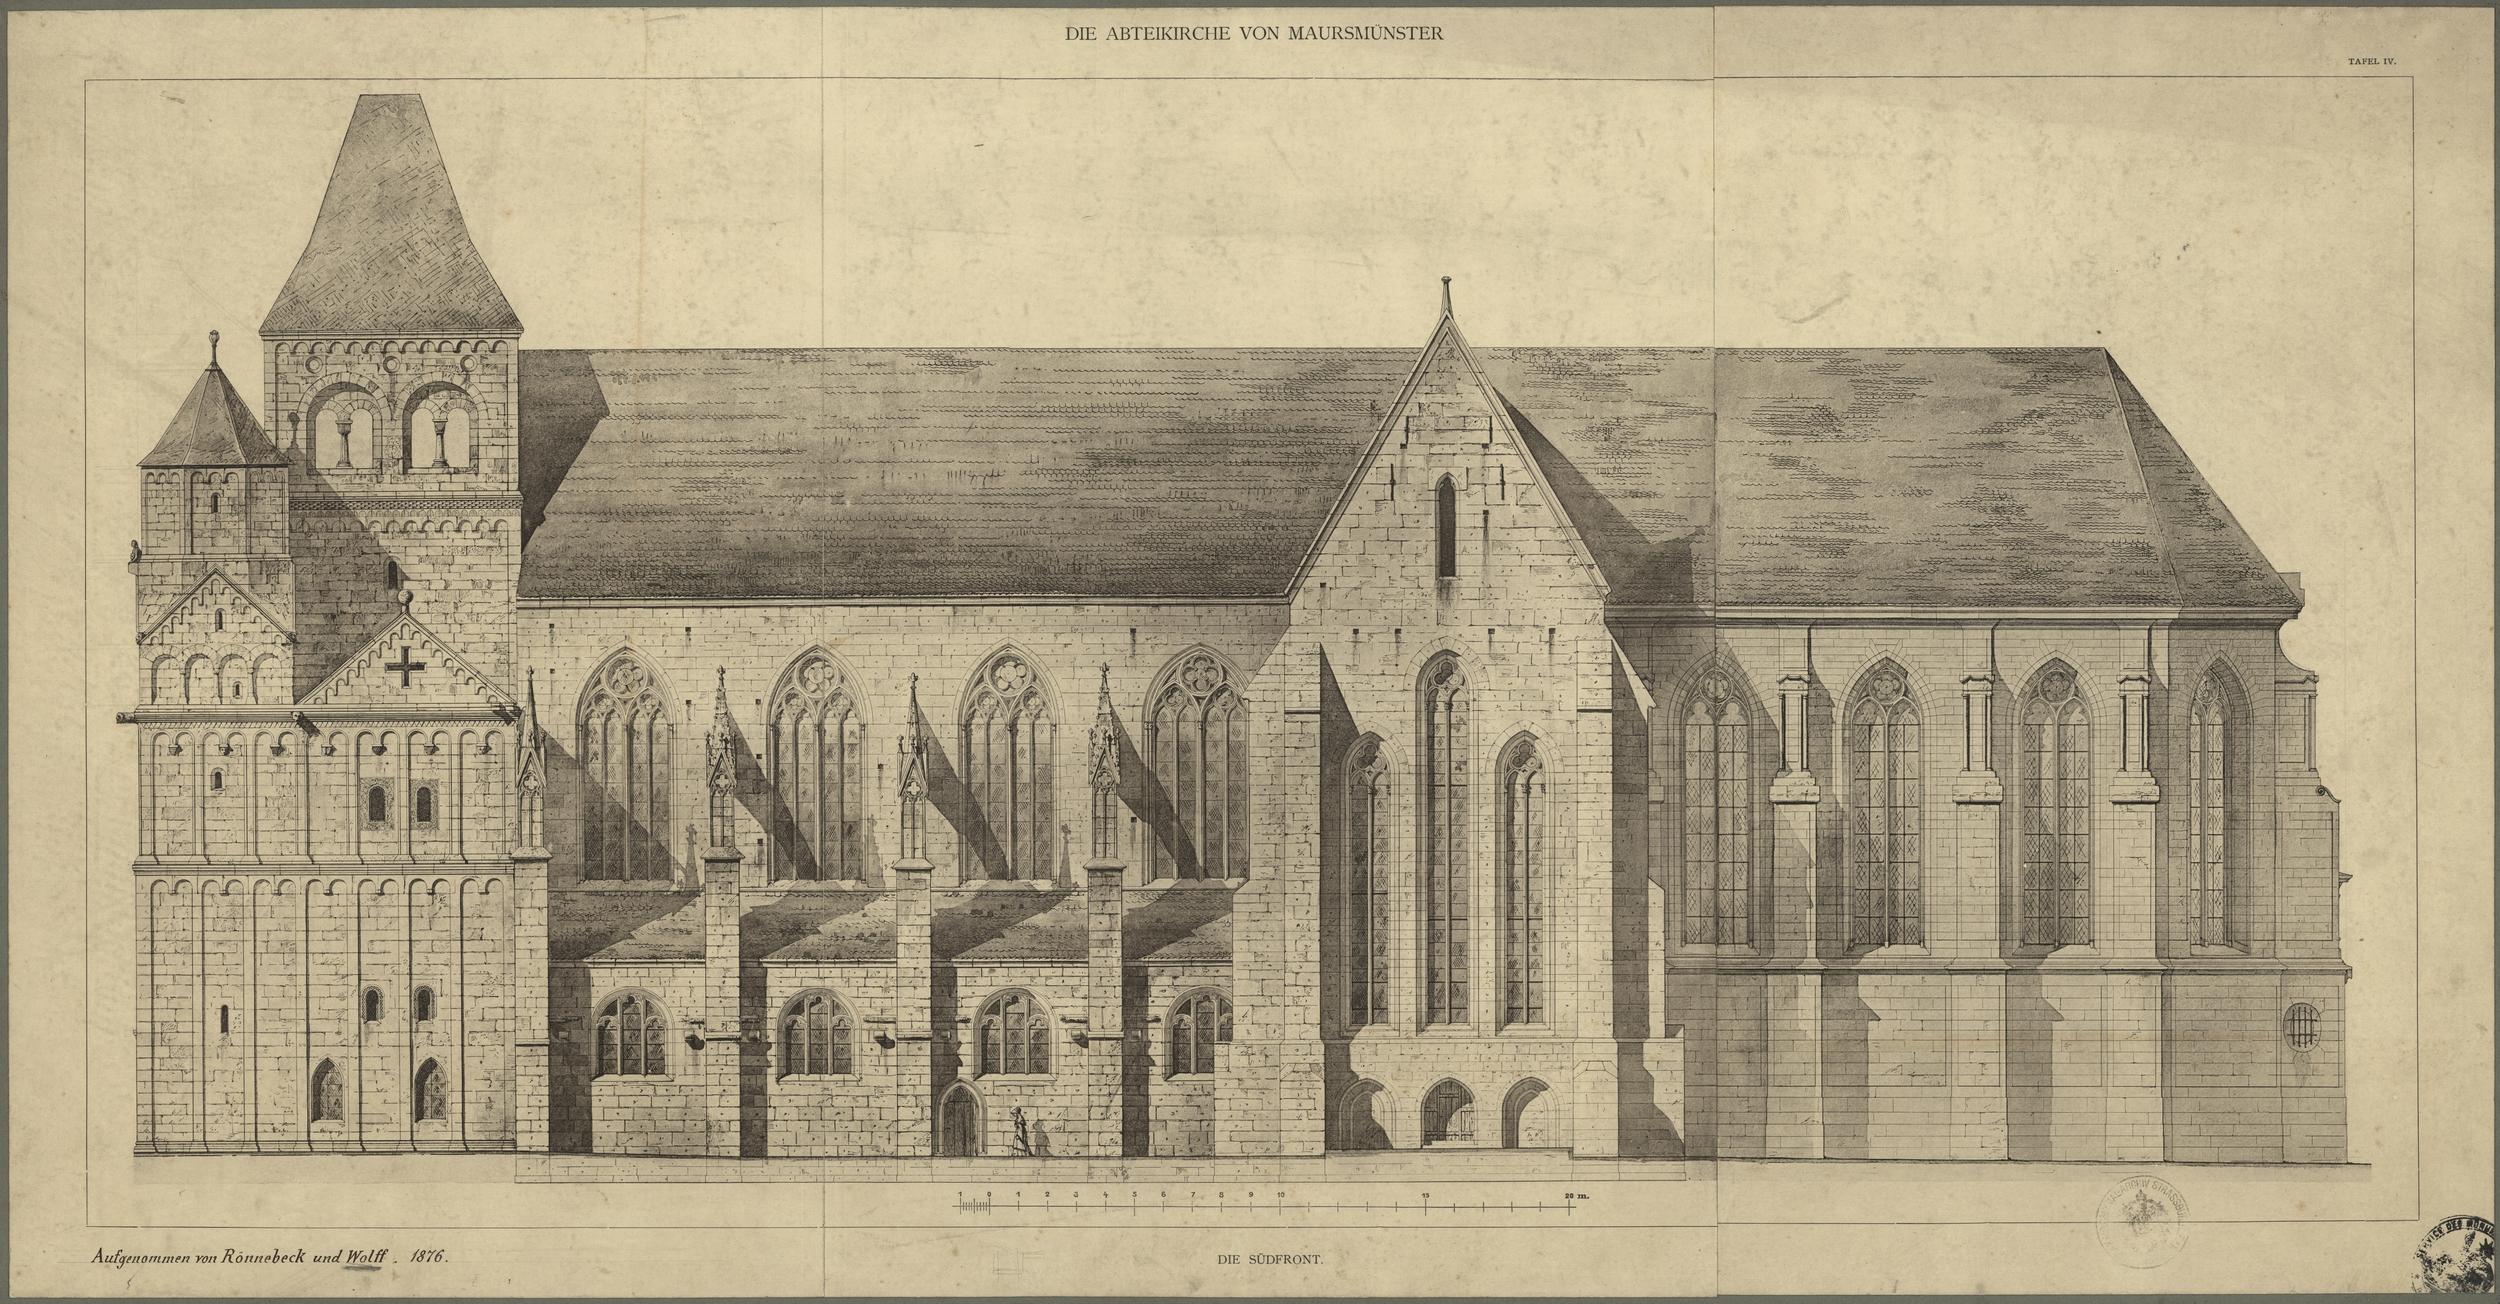 Élévation de l'abbatiale de Mauersmünster. Auteurs : Rönnebeck et Félix Wolff, 1876 (Denkmalarchiv, DRAC Alsace)